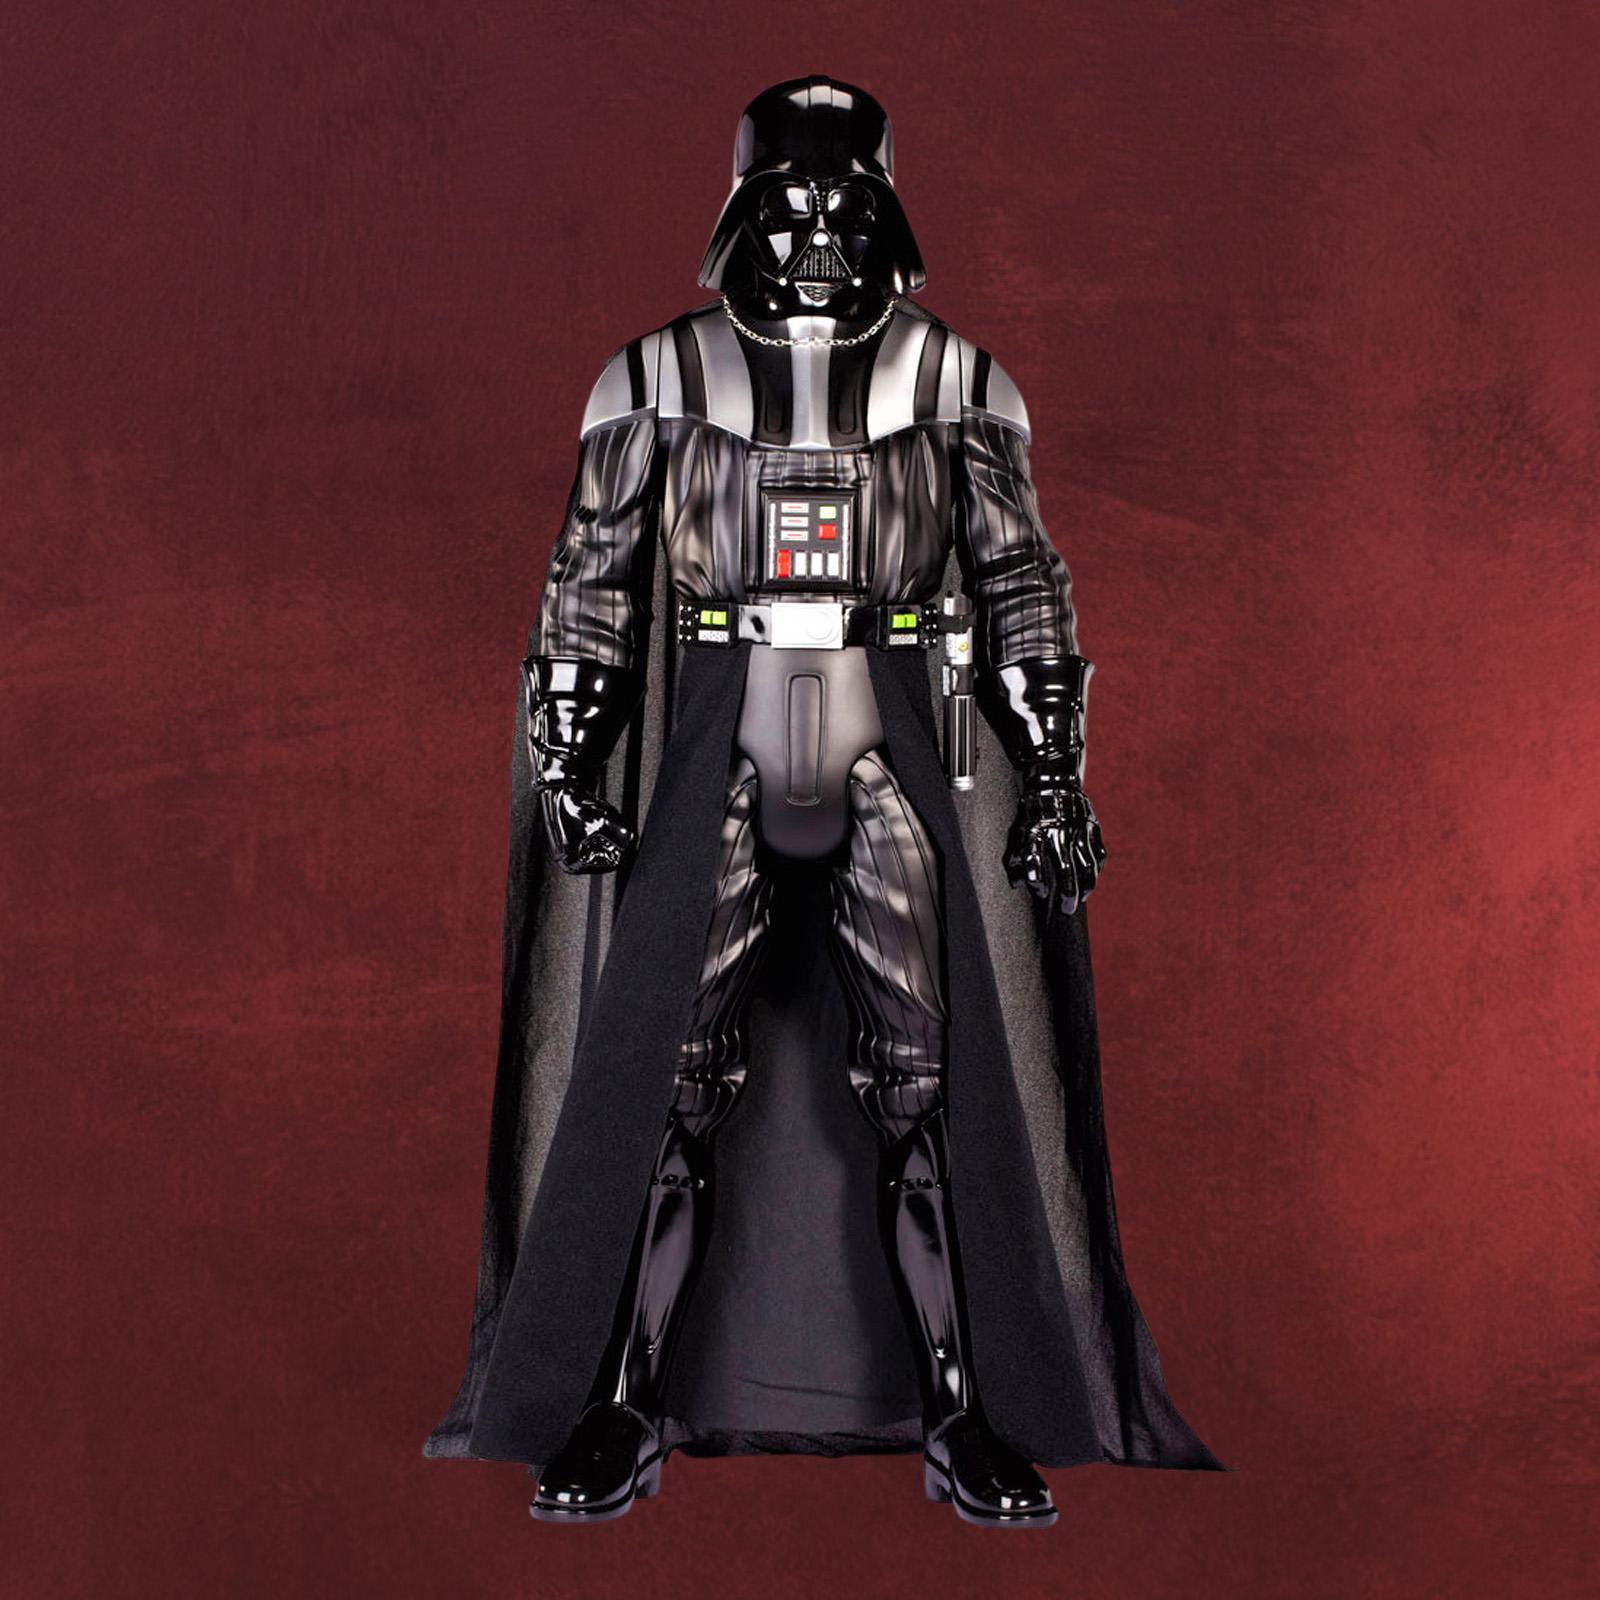 star wars darth vader maxi figur actionfigur 79cm beweglich sammler statue ebay. Black Bedroom Furniture Sets. Home Design Ideas